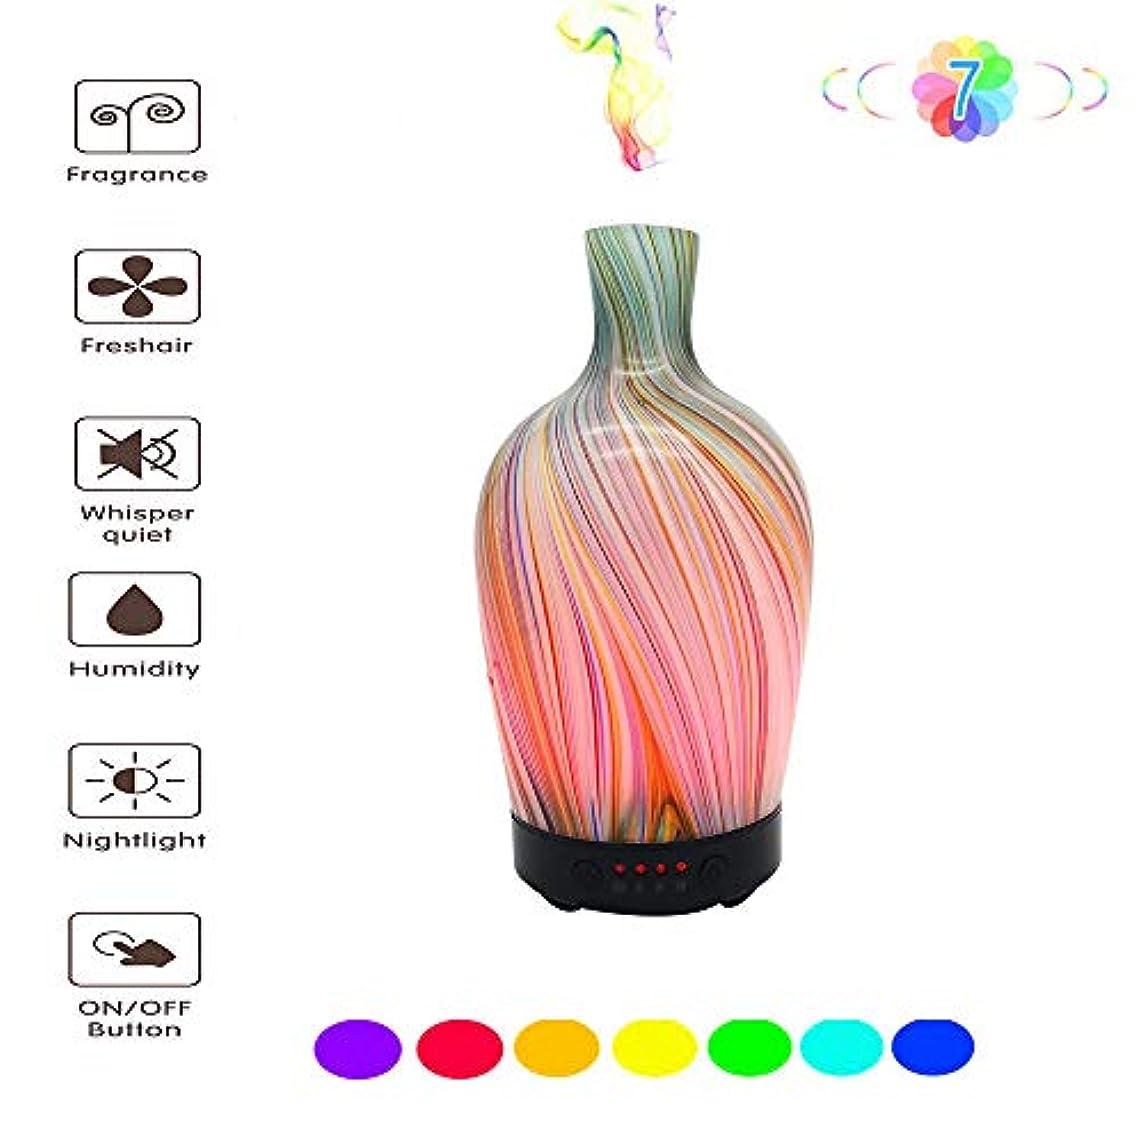 ロデオインシュレータレンドガラスオイルの拡散器、4つの時間設定の超音波大理石の冷たい霧の加湿器 - 色の光の香りの拡散器 - 家およびオフィス(多色)のために適した,Multicolor2